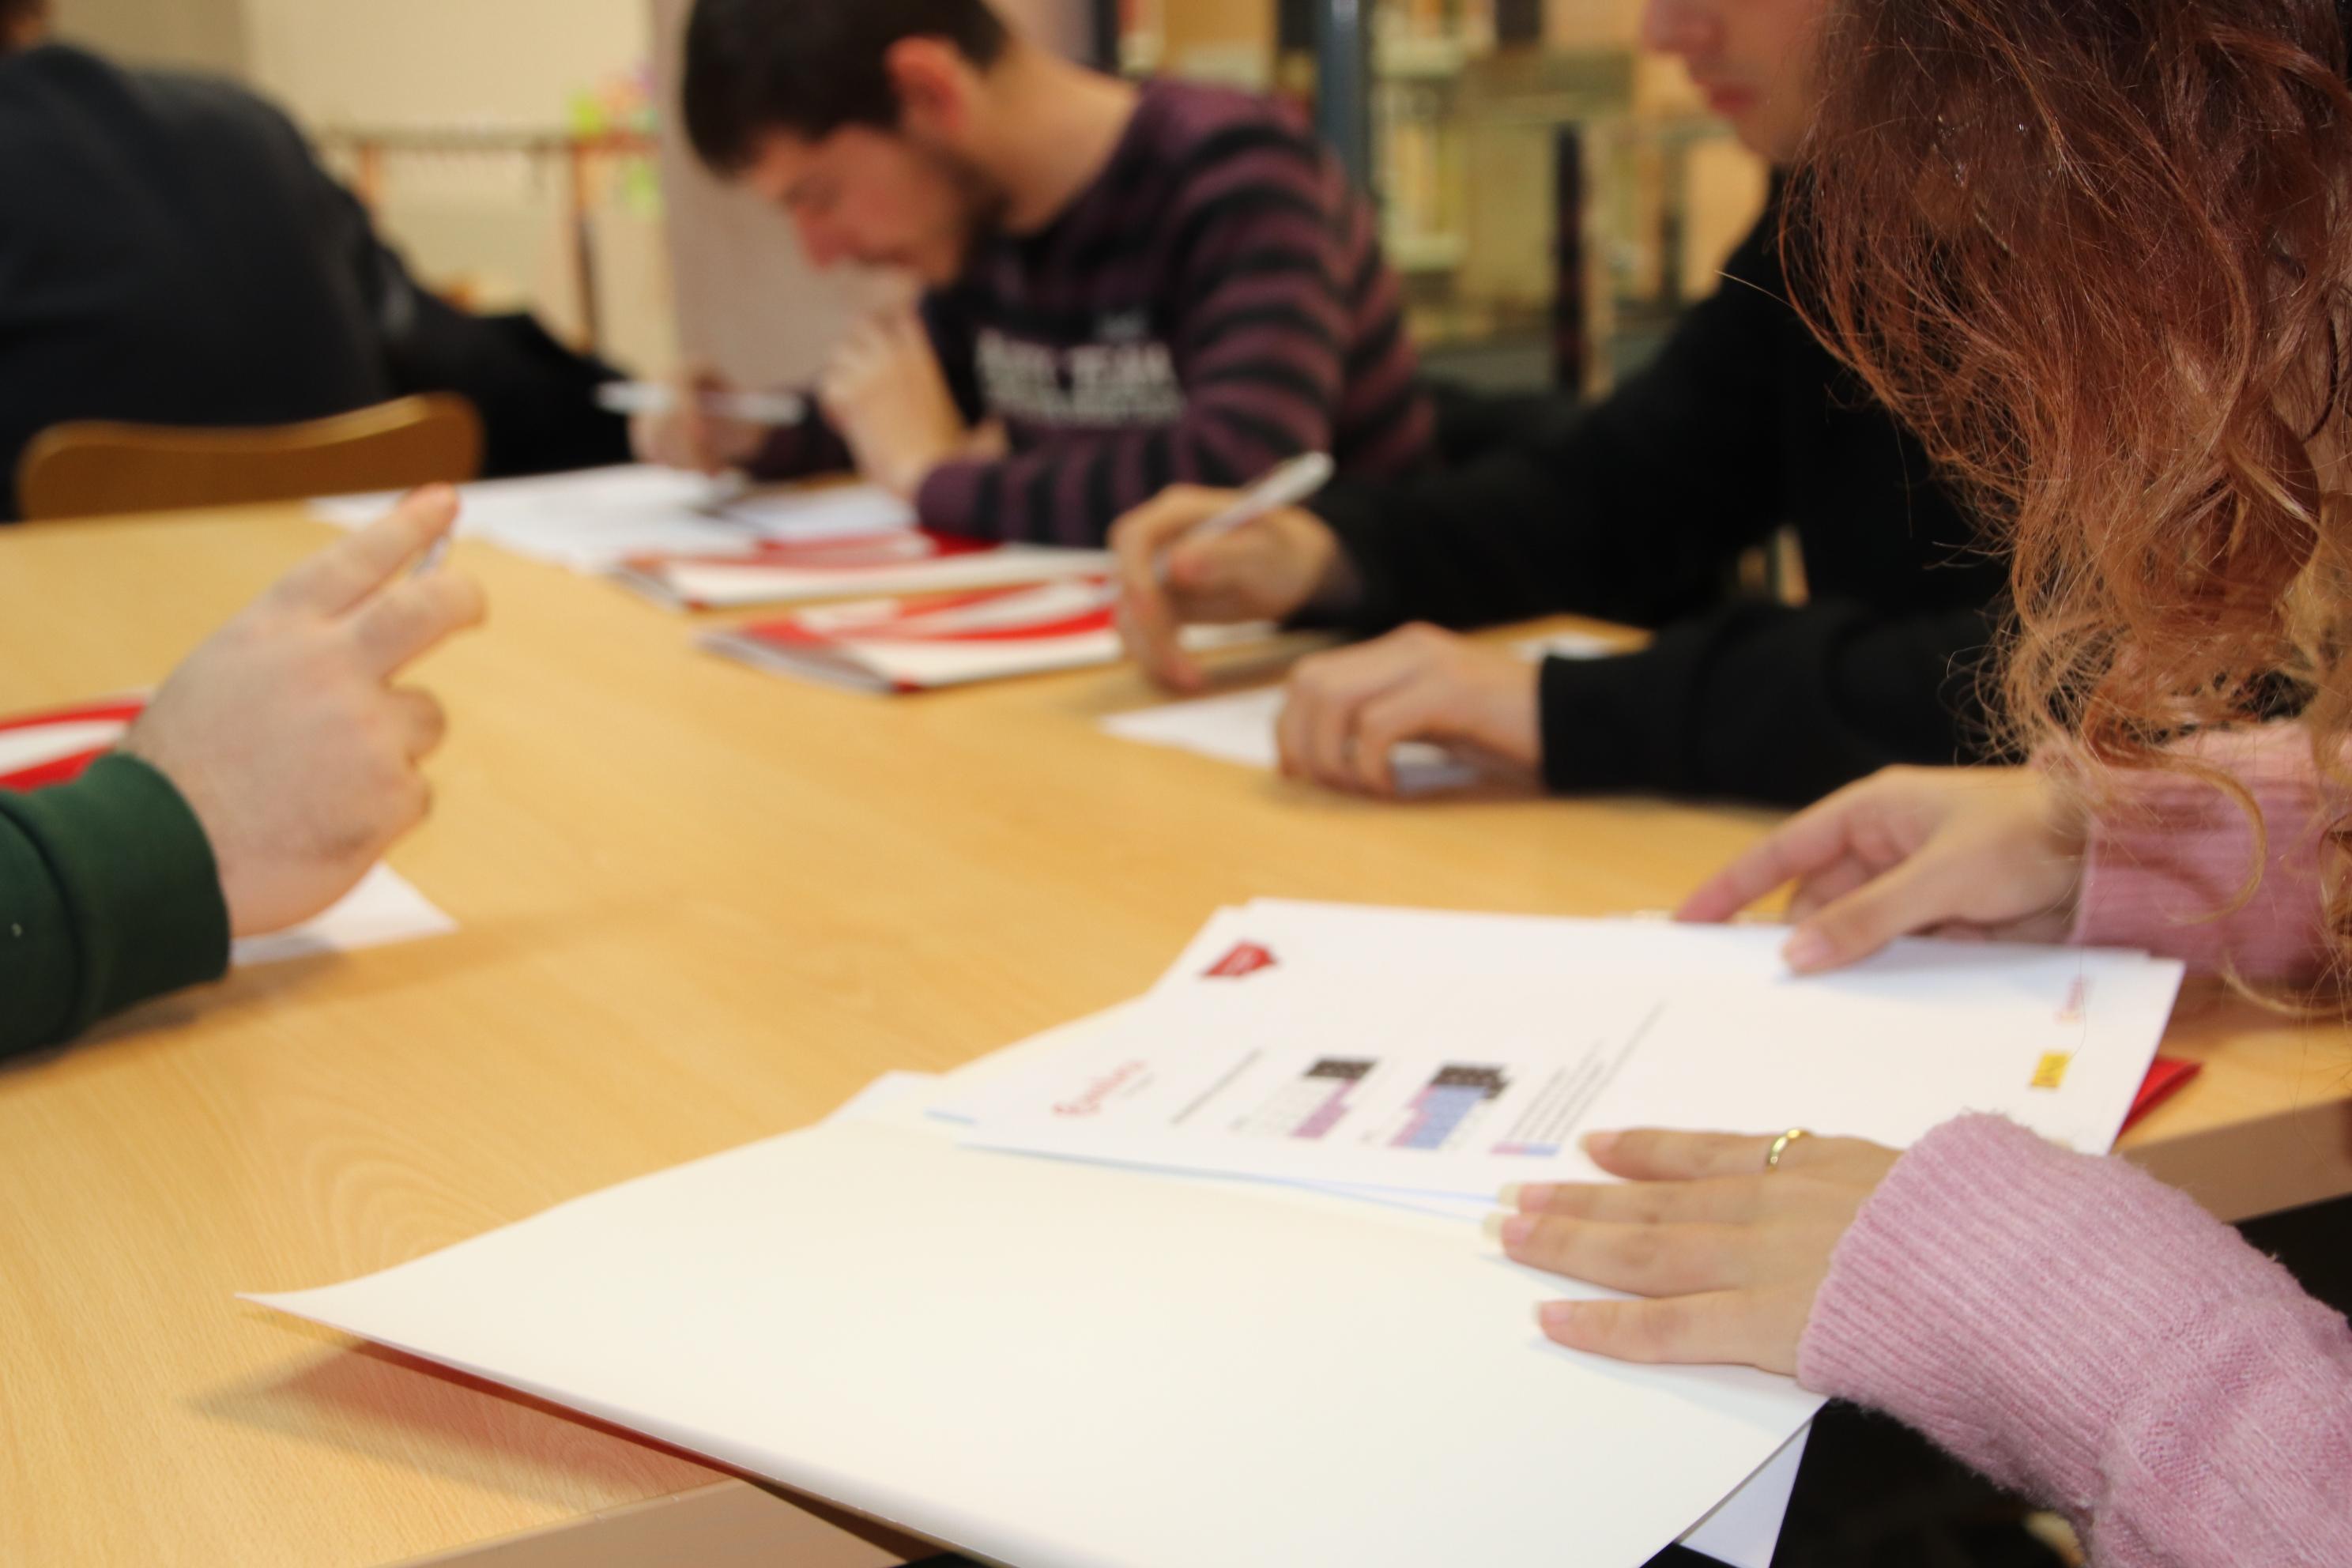 S'aprova el conveni amb la Cambra de Comerç per oferir cursos per a aturats a la Bisbal